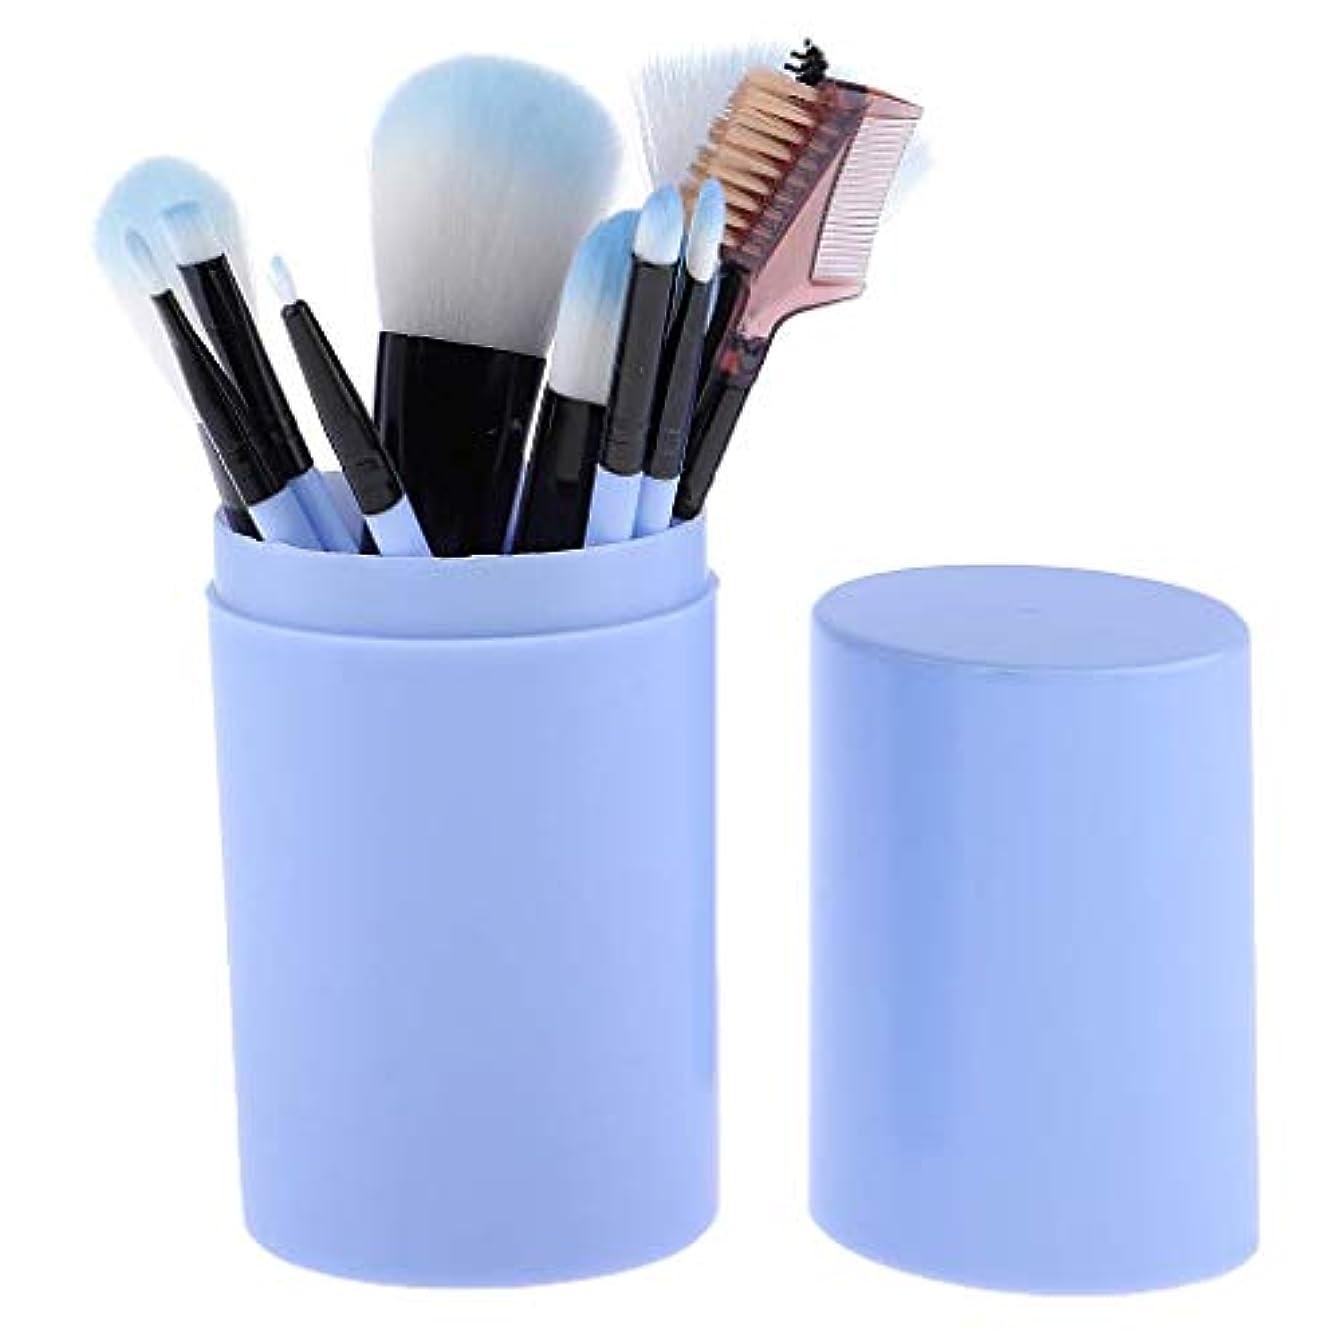 信仰同様のブローMakeup brushes 青、スミアのようなリアルな、持ち運びに快適、収納バケット付き化粧ブラシセット付き12ピース高品質木製ハンドル化粧ブラシセット suits (Color : Blue)